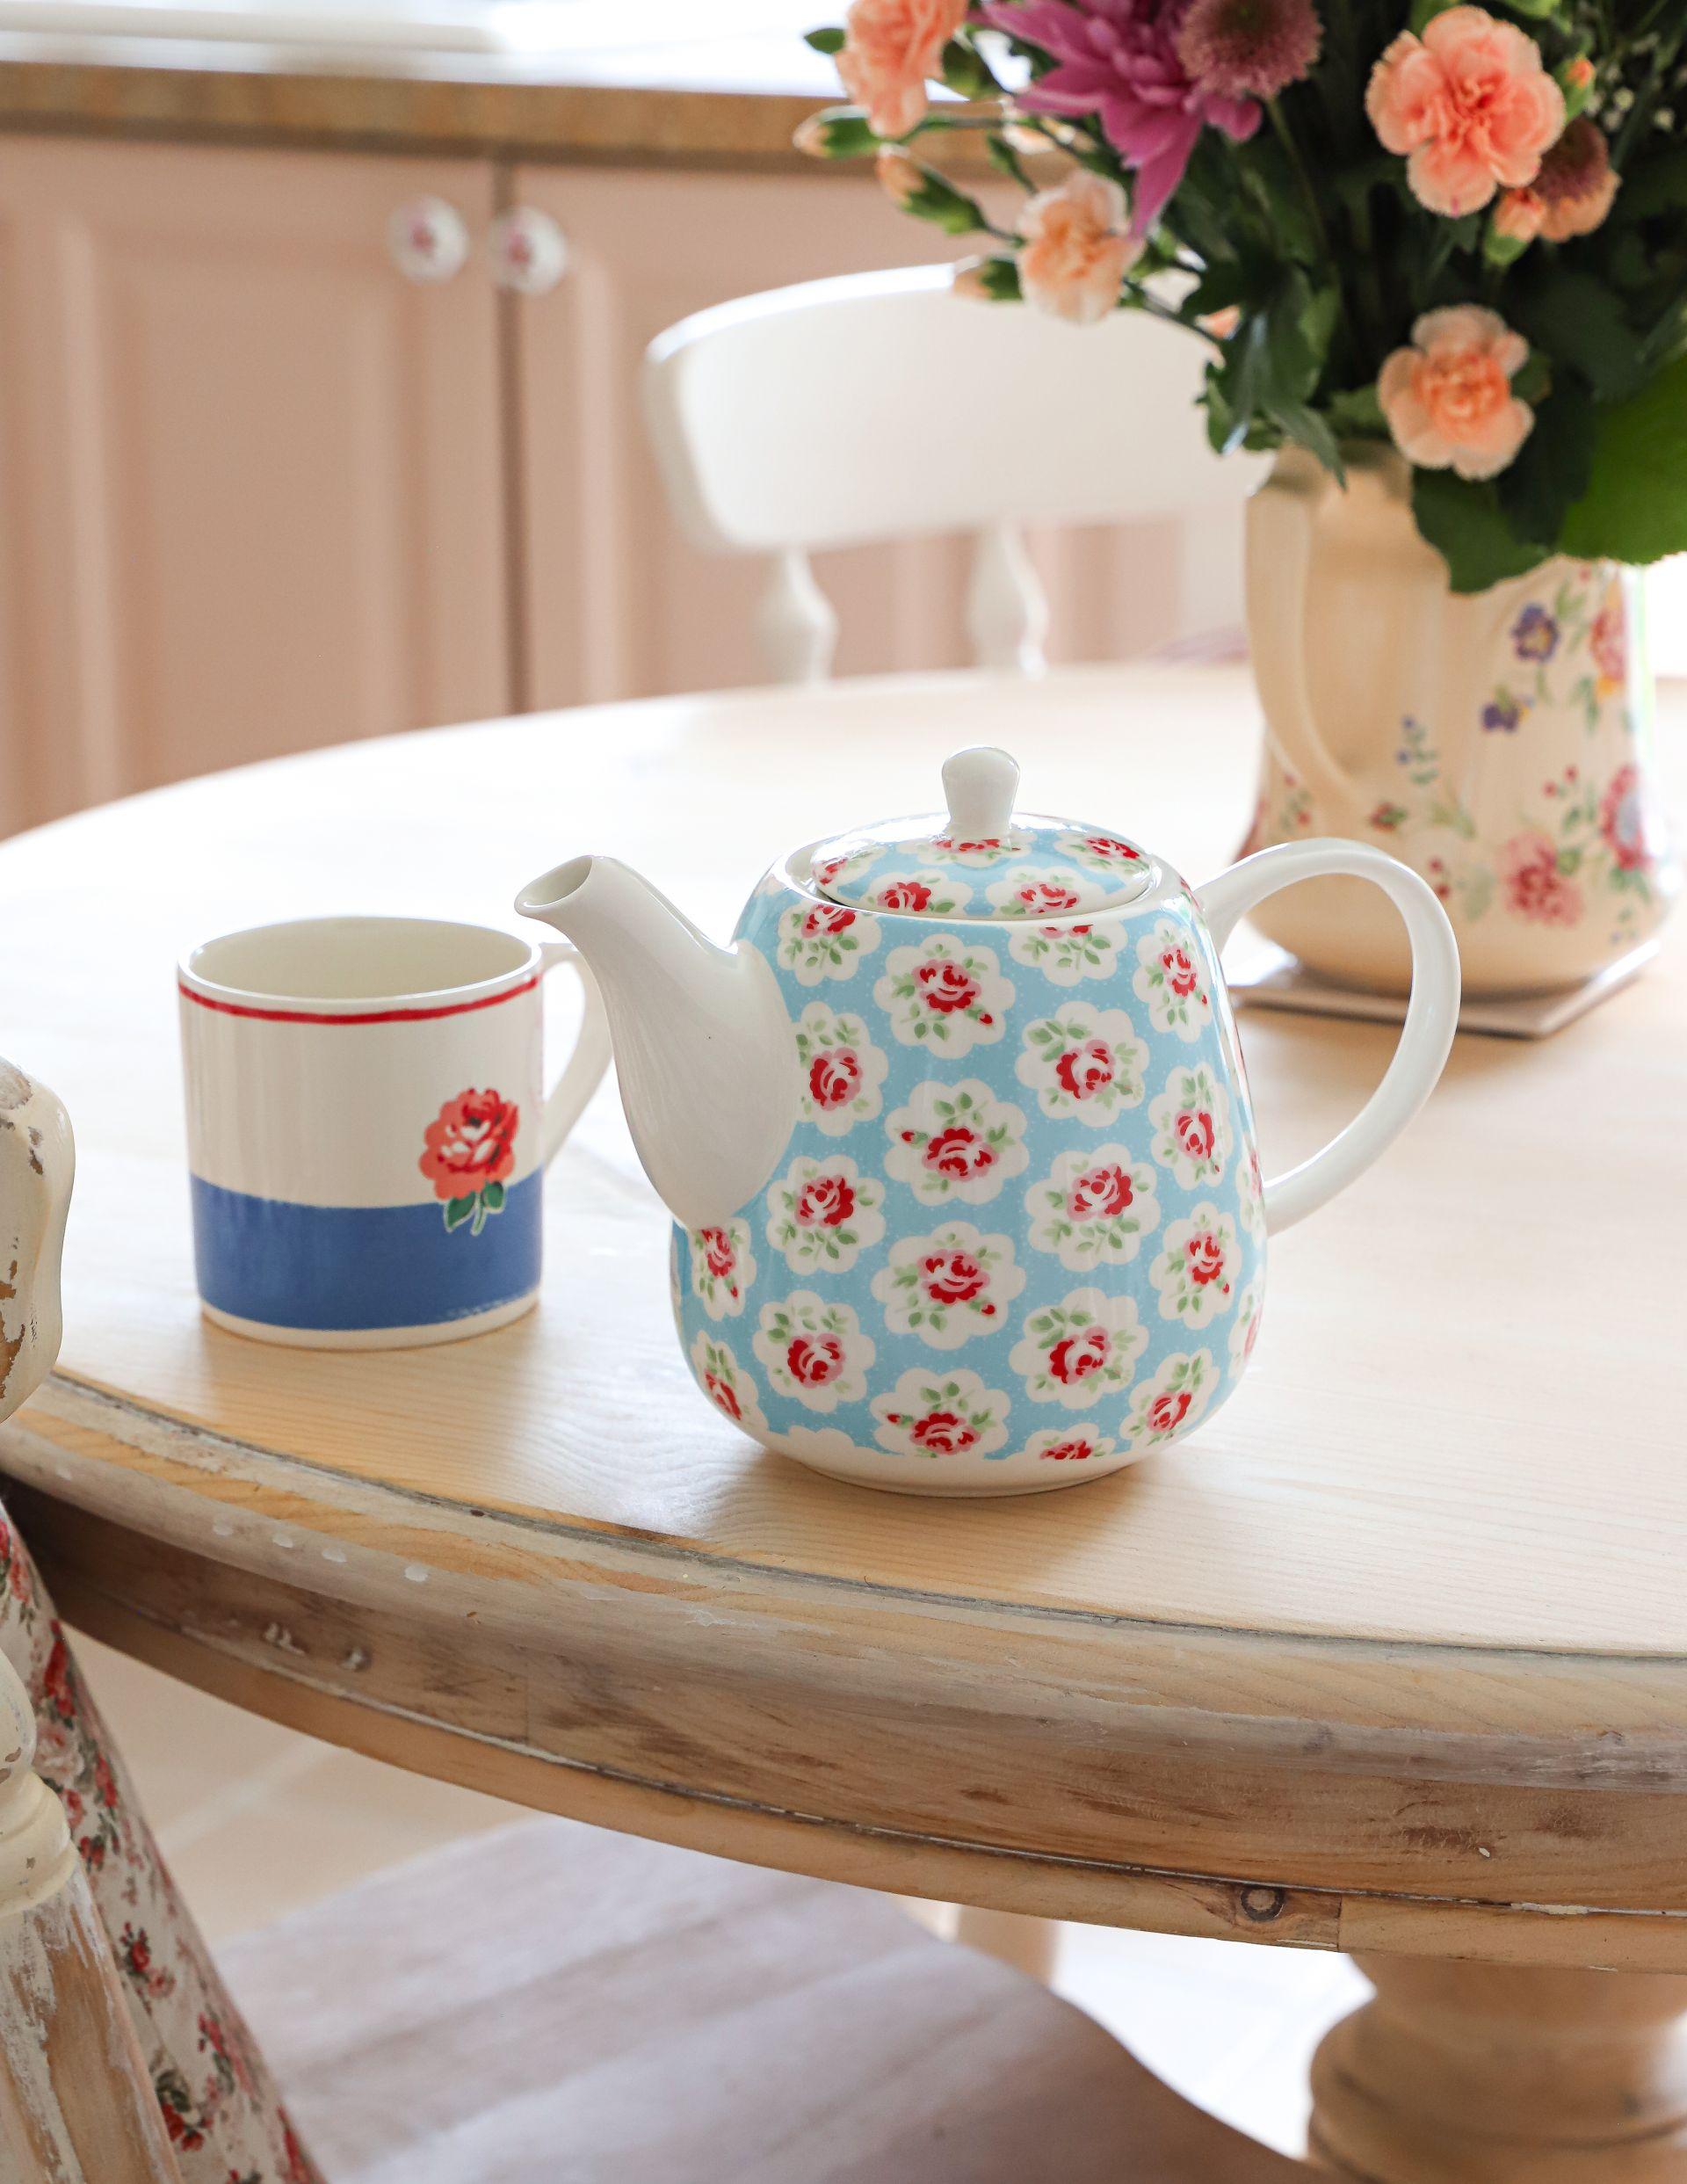 Cath Kidston tea pot